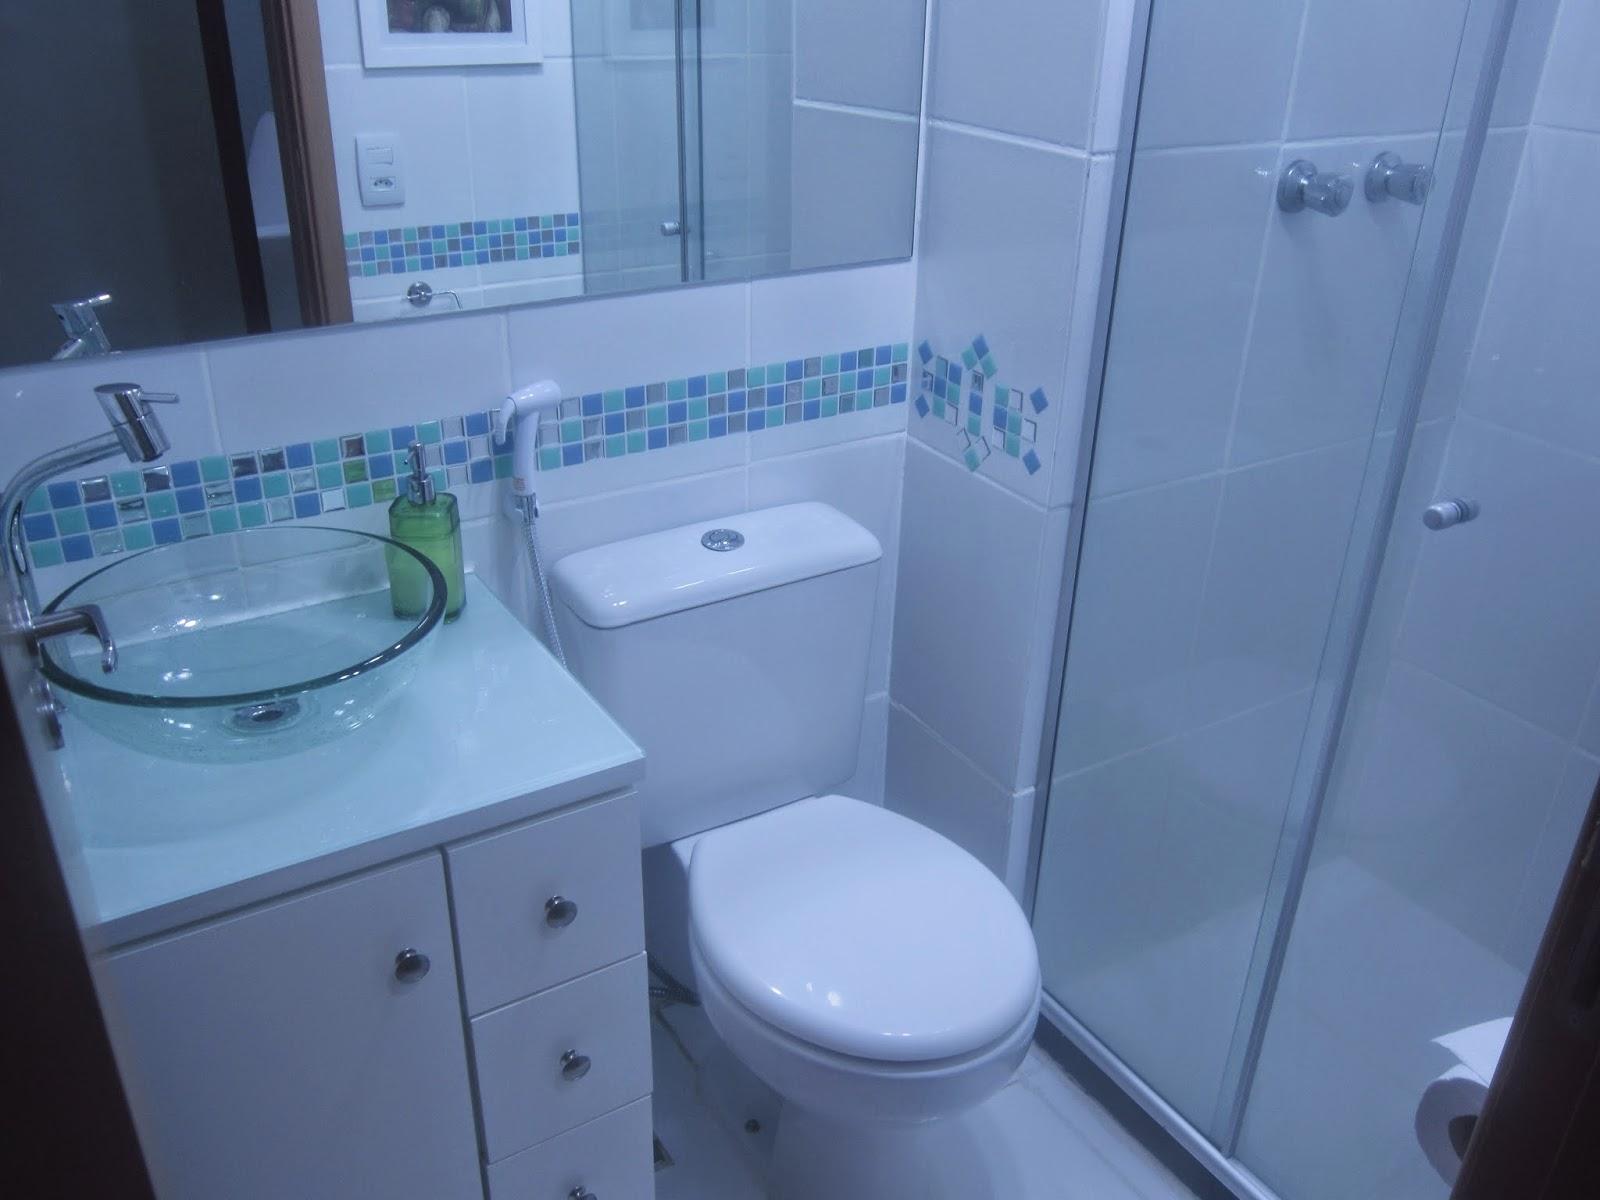 Cafofo Sonhado Decorando banheiros pequenos 2 banheiros, 2m² cada, 2 decora -> Banheiro Simples Suite